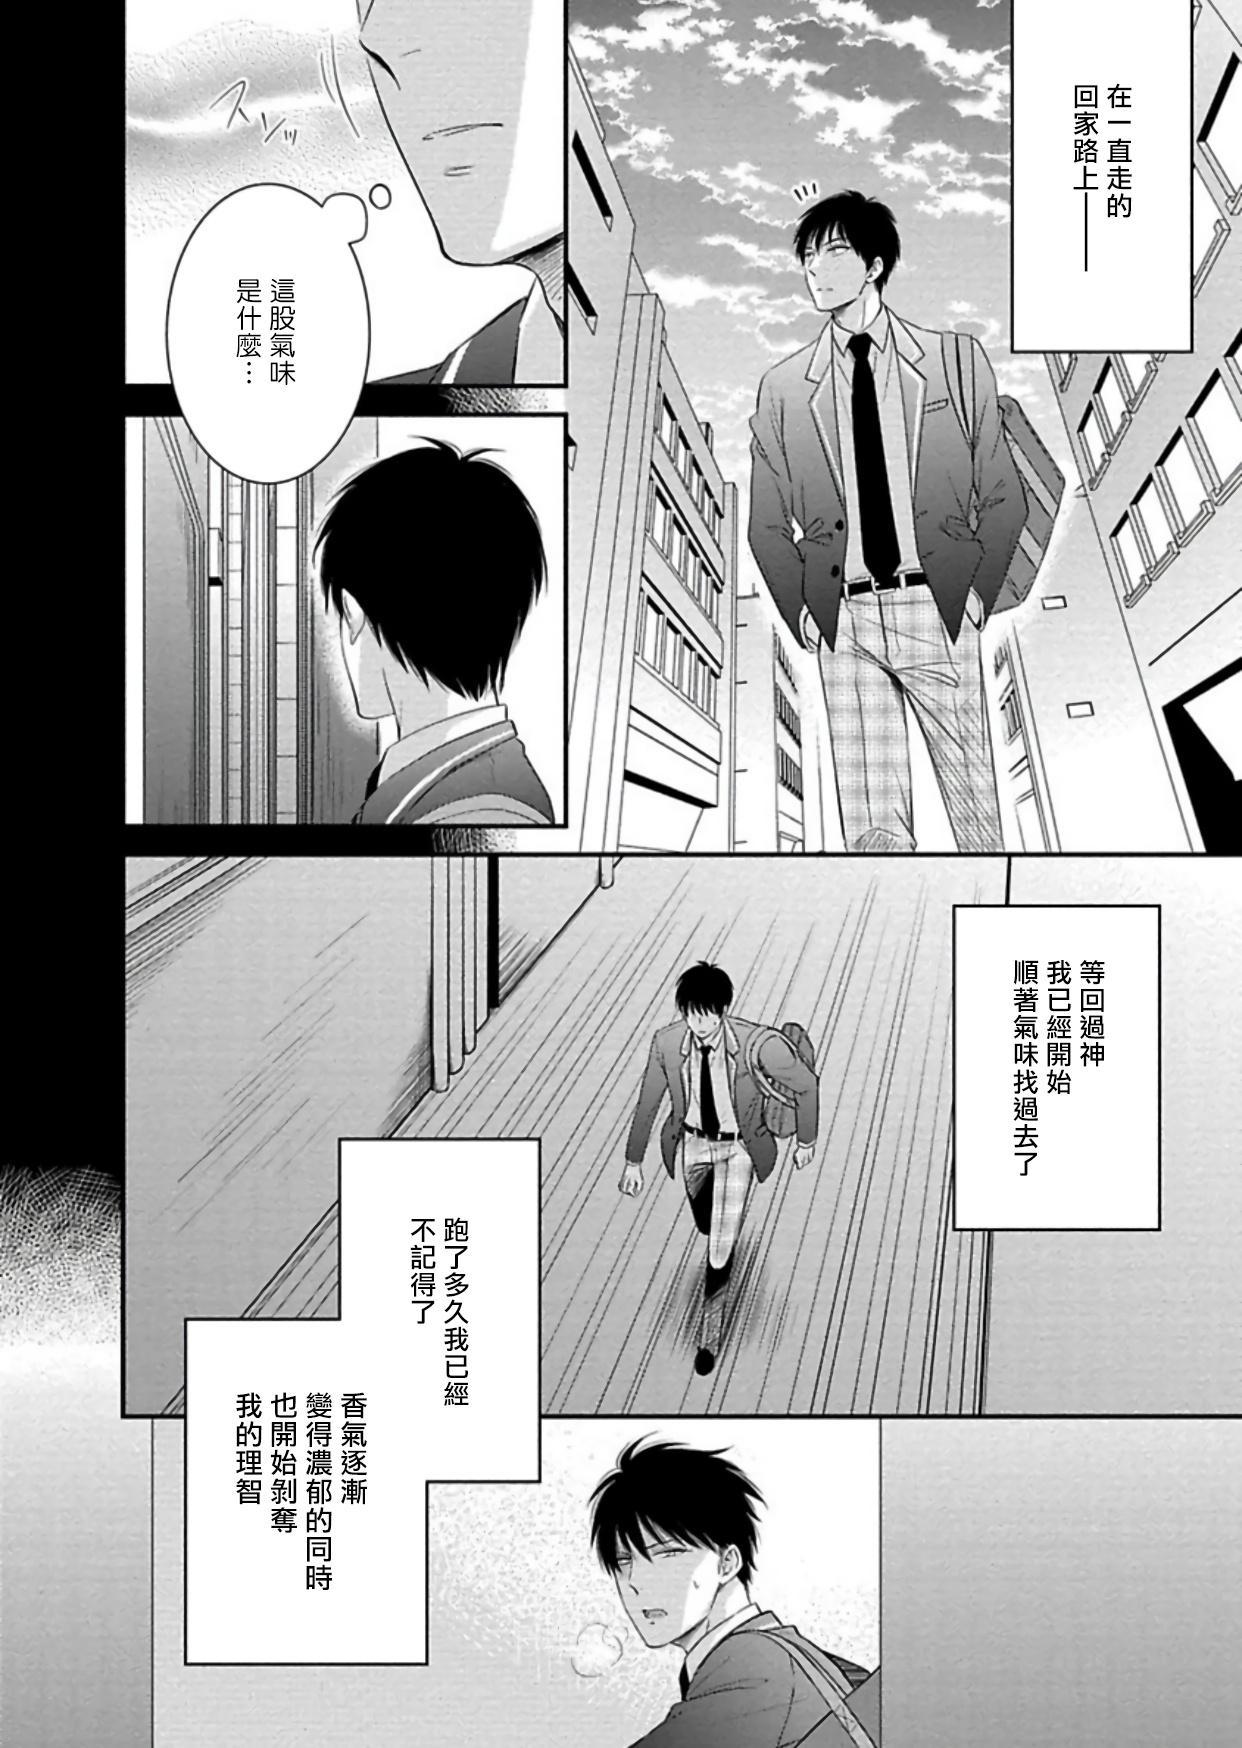 Katsubou Anima Gemella | 渴望灵魂之侣  1-3 17